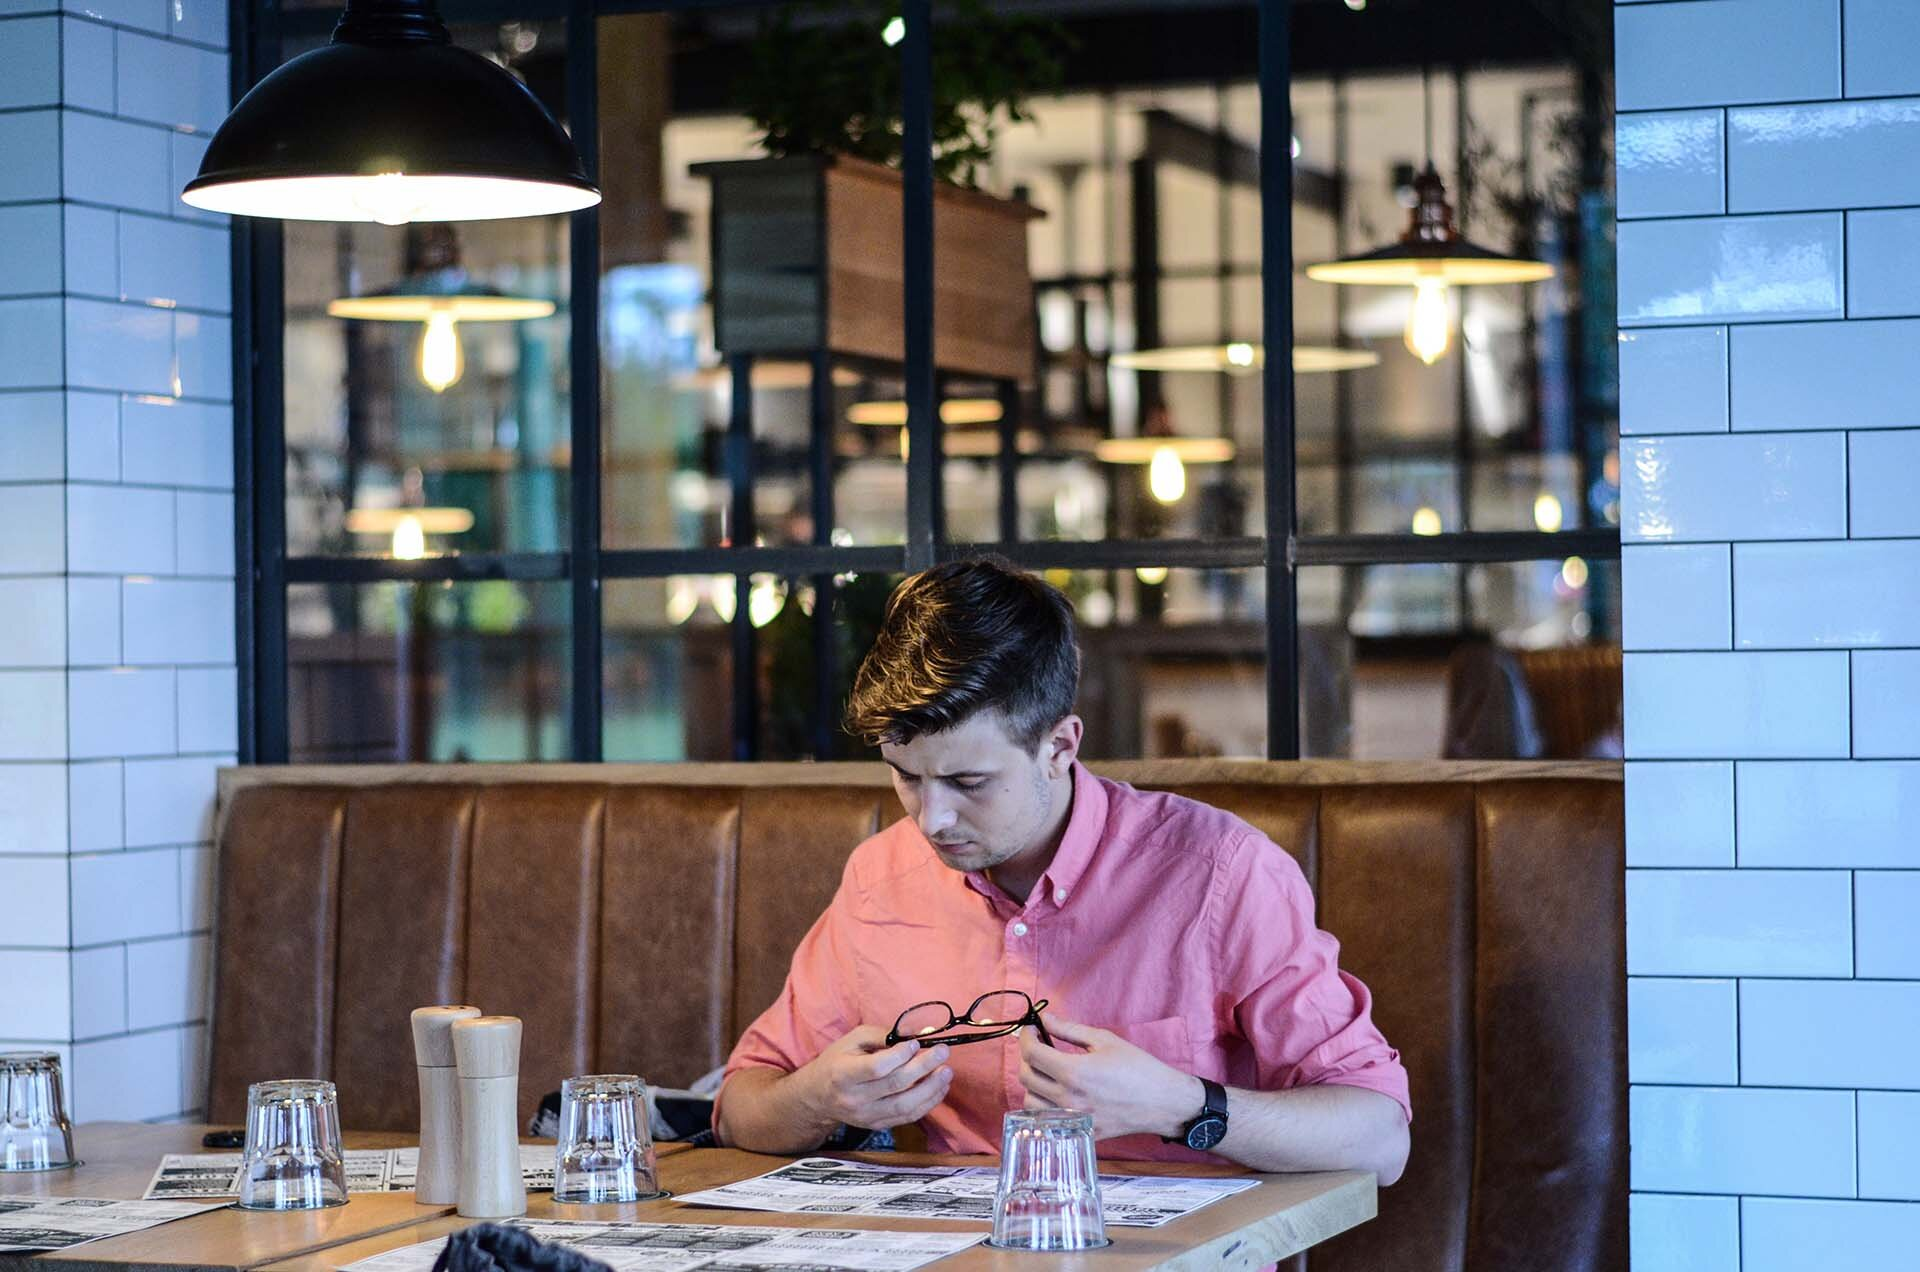 GMALE by Grzegorz Paliś, blog o modzie męskiej, Różowa koszula, Róż w modzie męskiej, Jak nosić różową koszulę, Białe spodnie